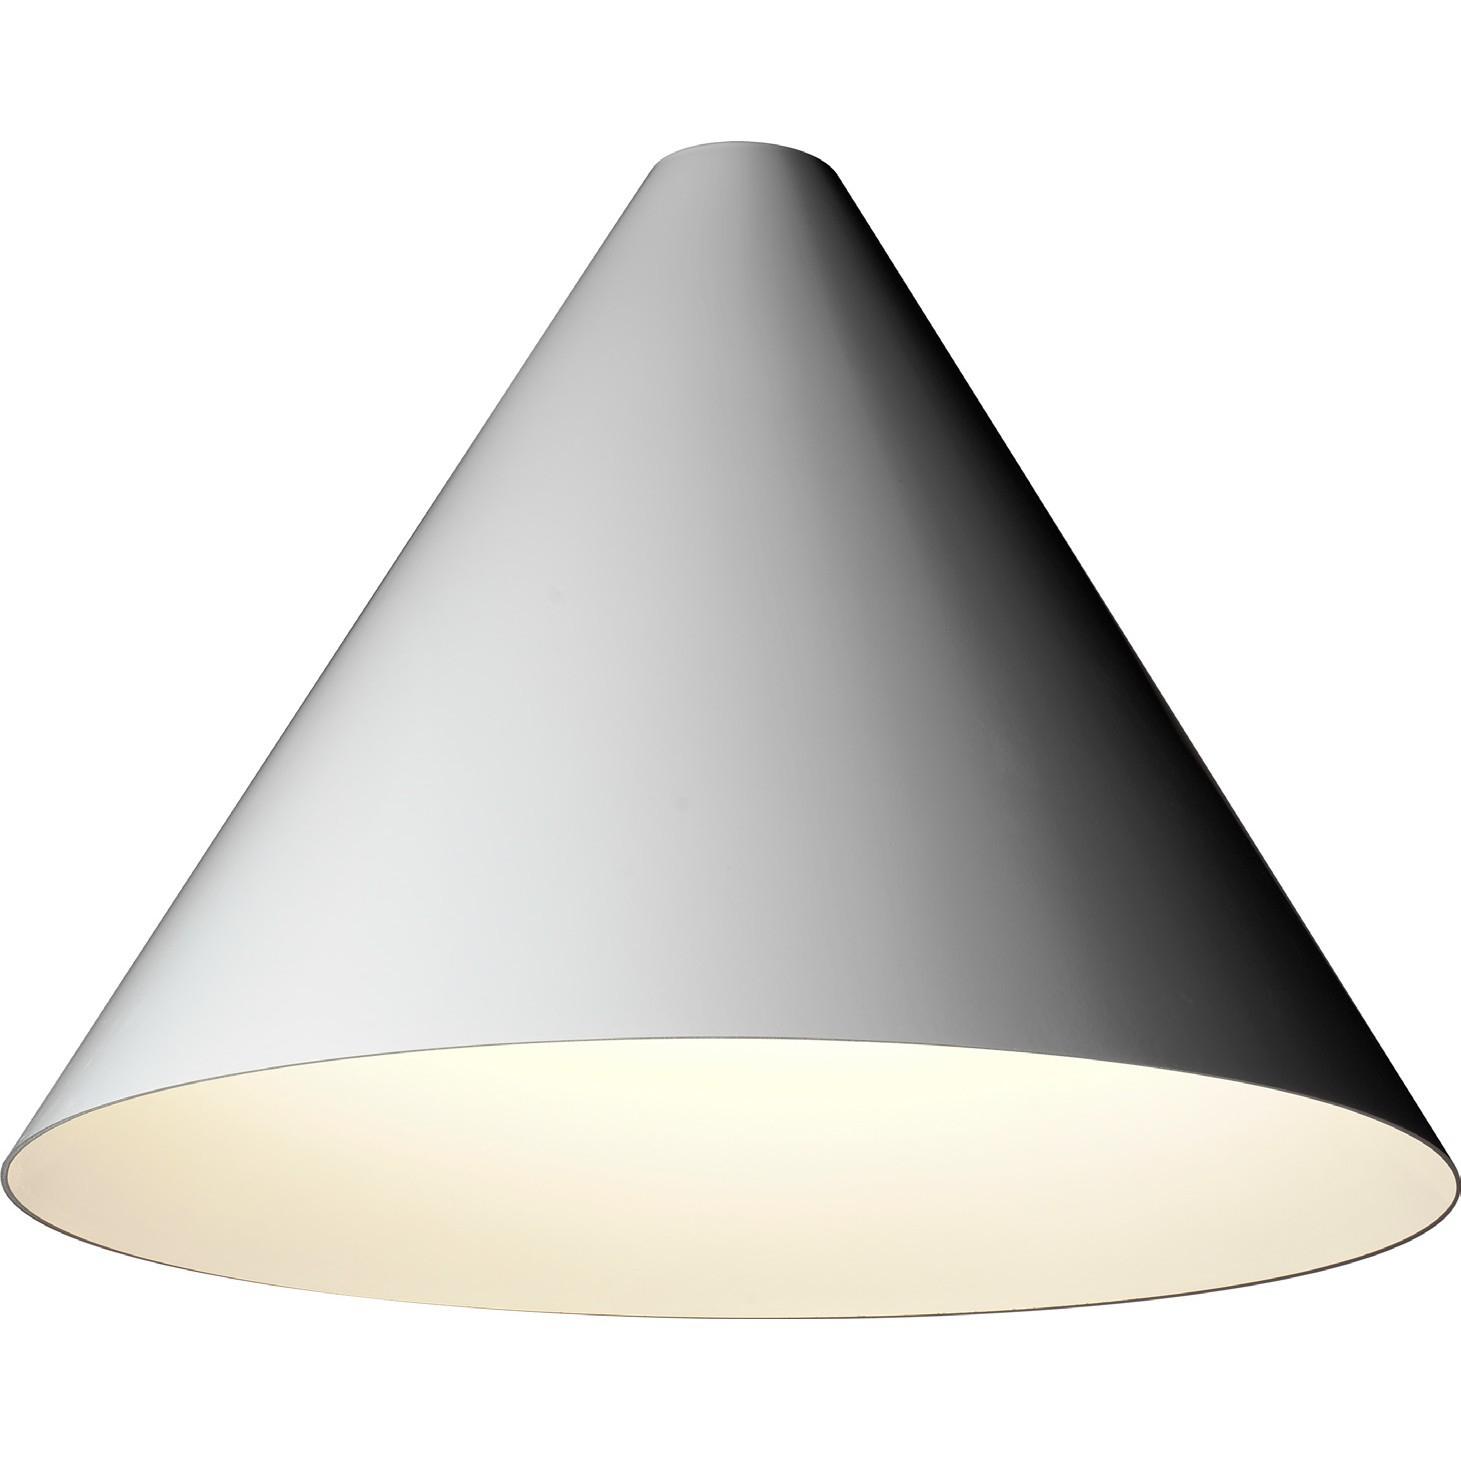 Designová stropní svítidla Cone Ceiling